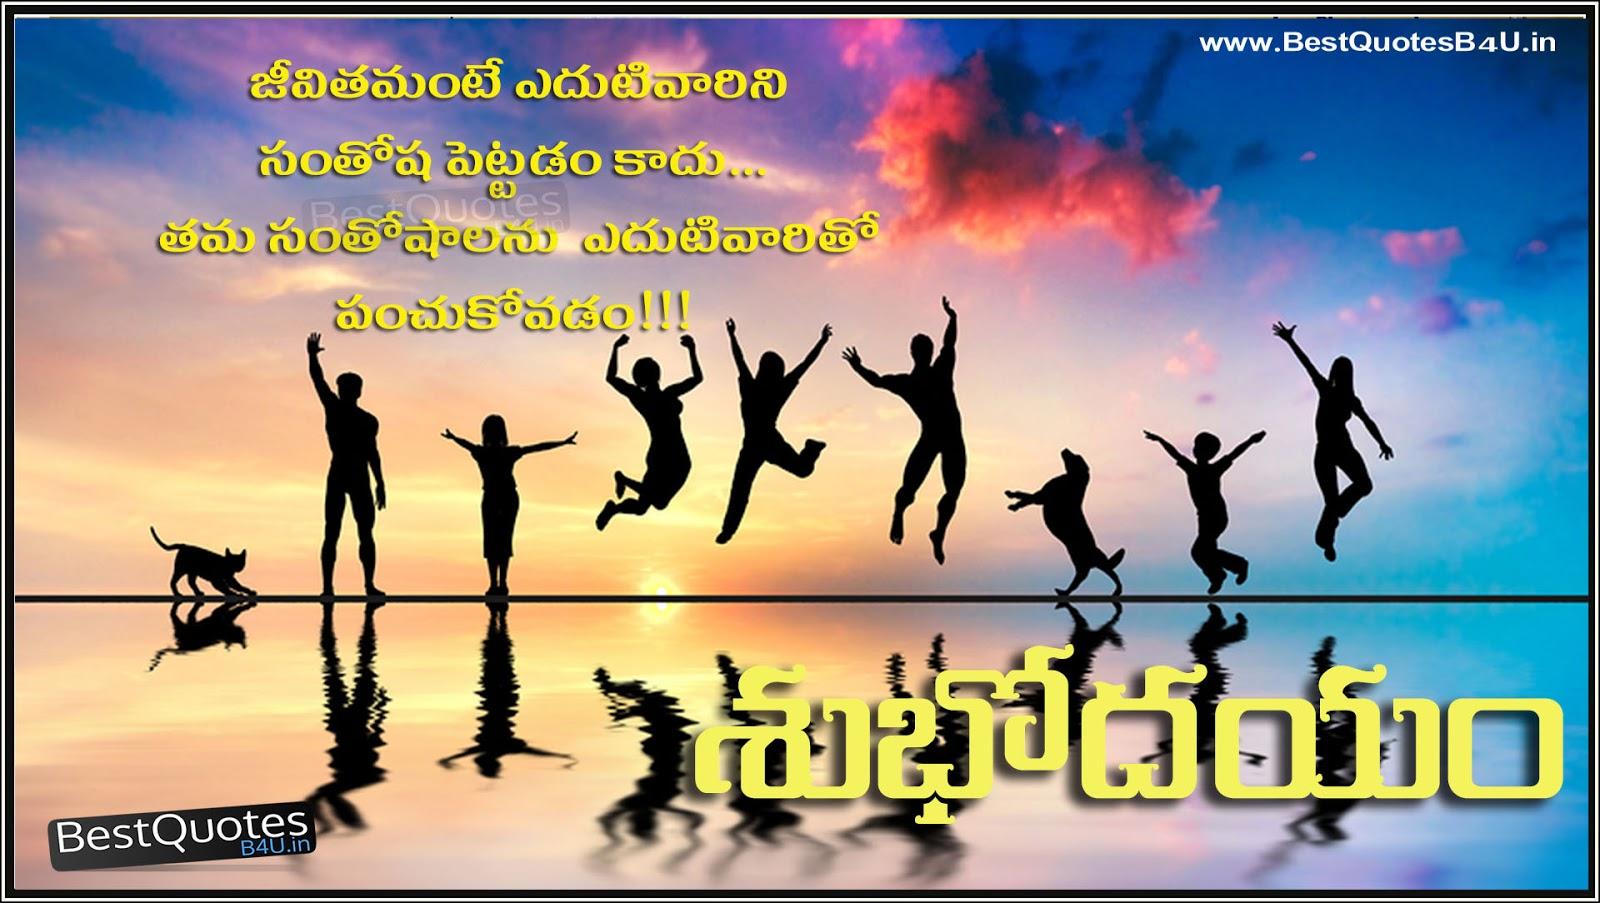 Telugu good morning greetings with making others happy quotes telugu good morning greetings with making others happy quotes kristyandbryce Images